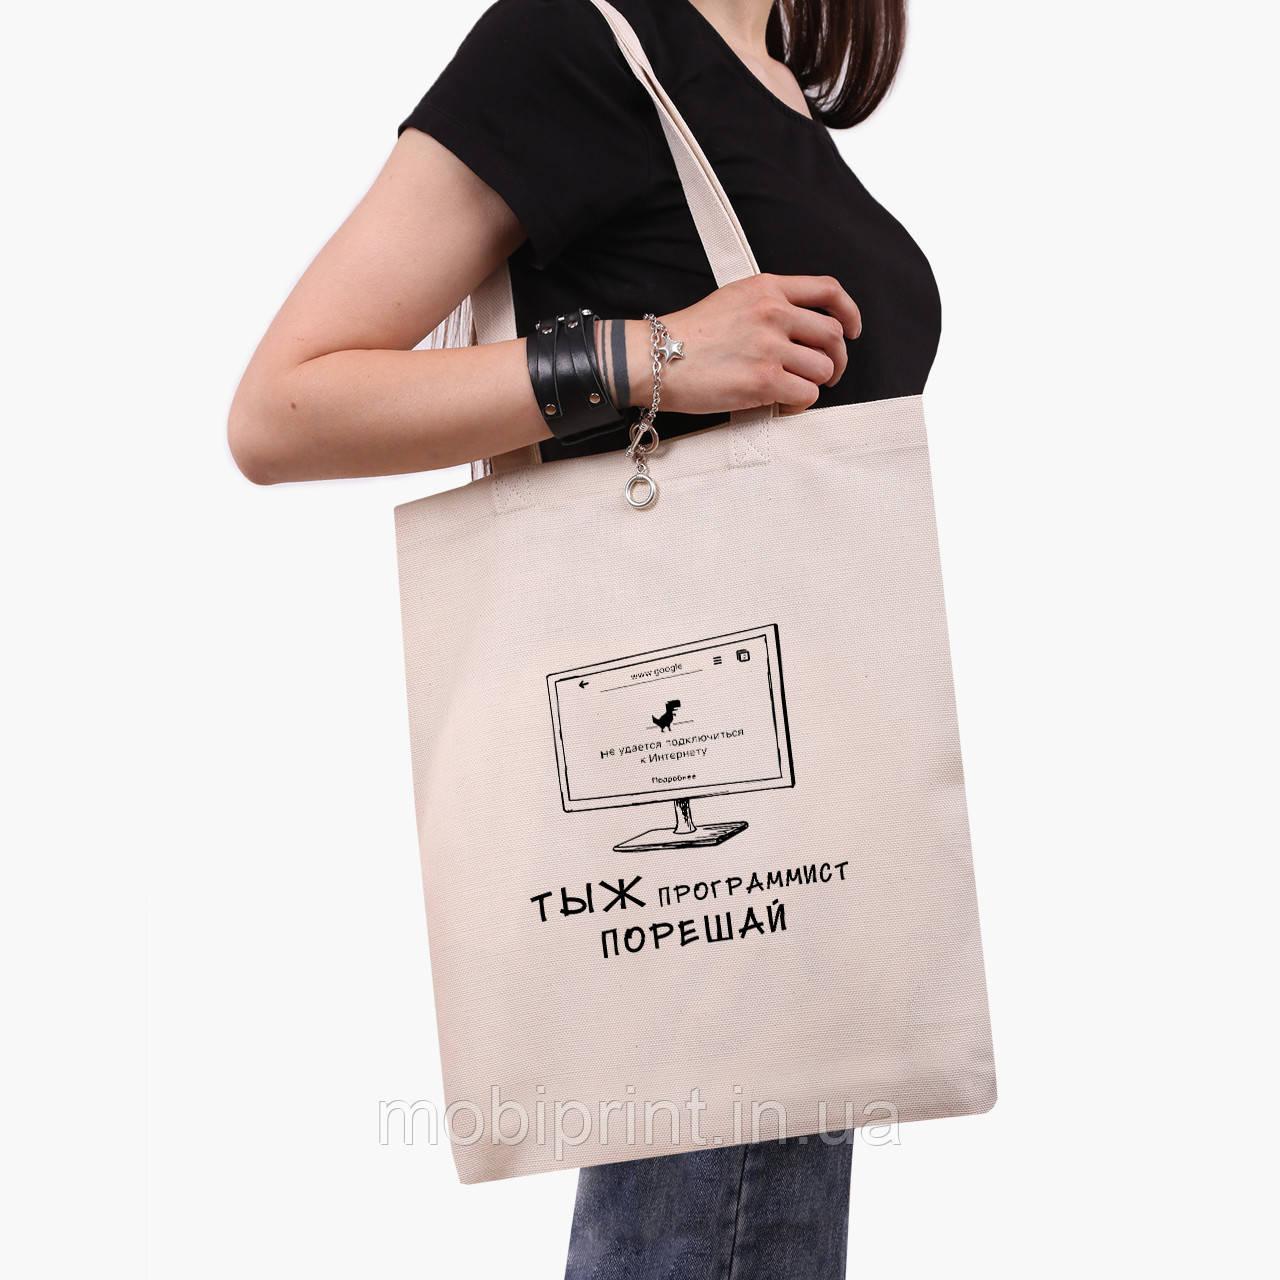 Еко сумка шоппер з принтом Ти ж програміст порешай (9227-1546)